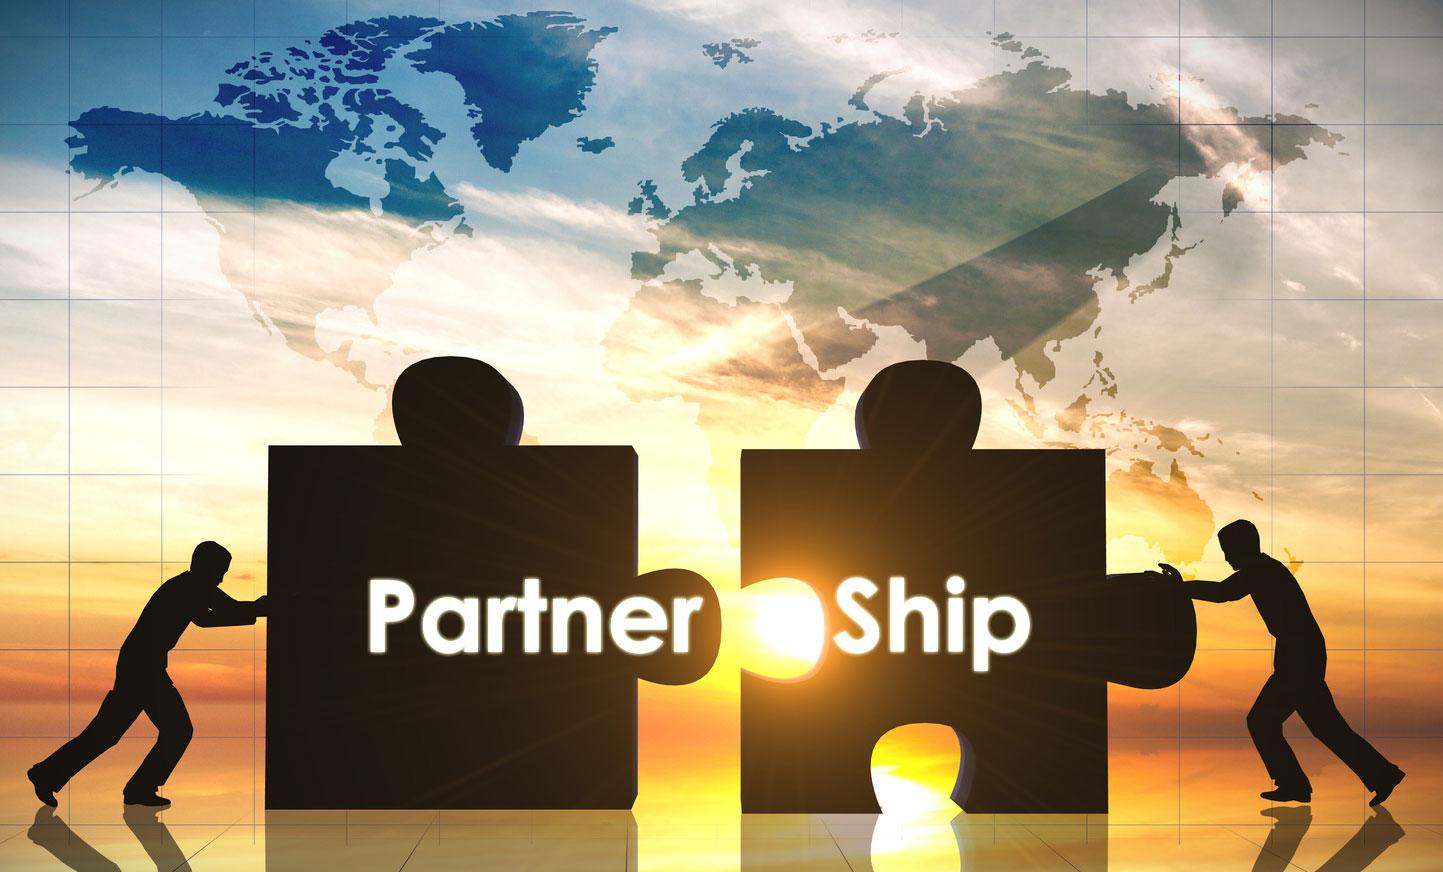 自雇 开公司 加拿大税赋 对比 Partnership